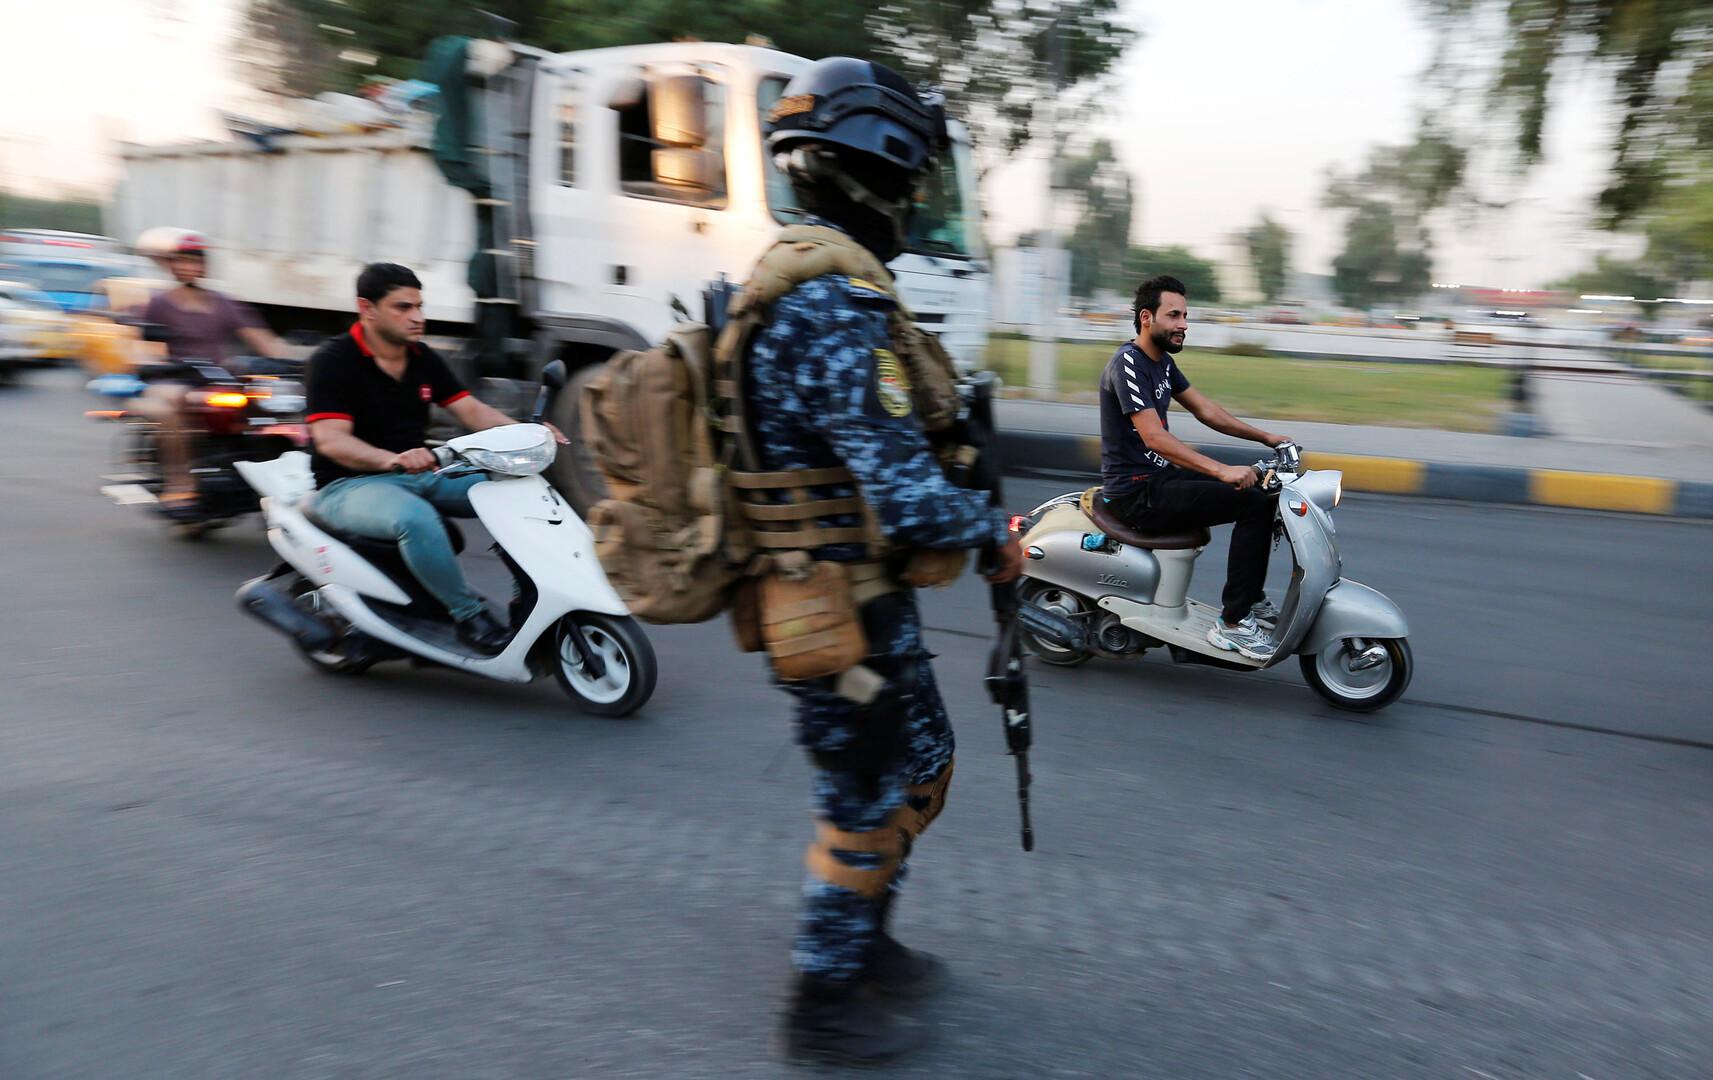 مذكرة قبض بحق مسؤول عراقي لاعتدائه على متظاهرين -